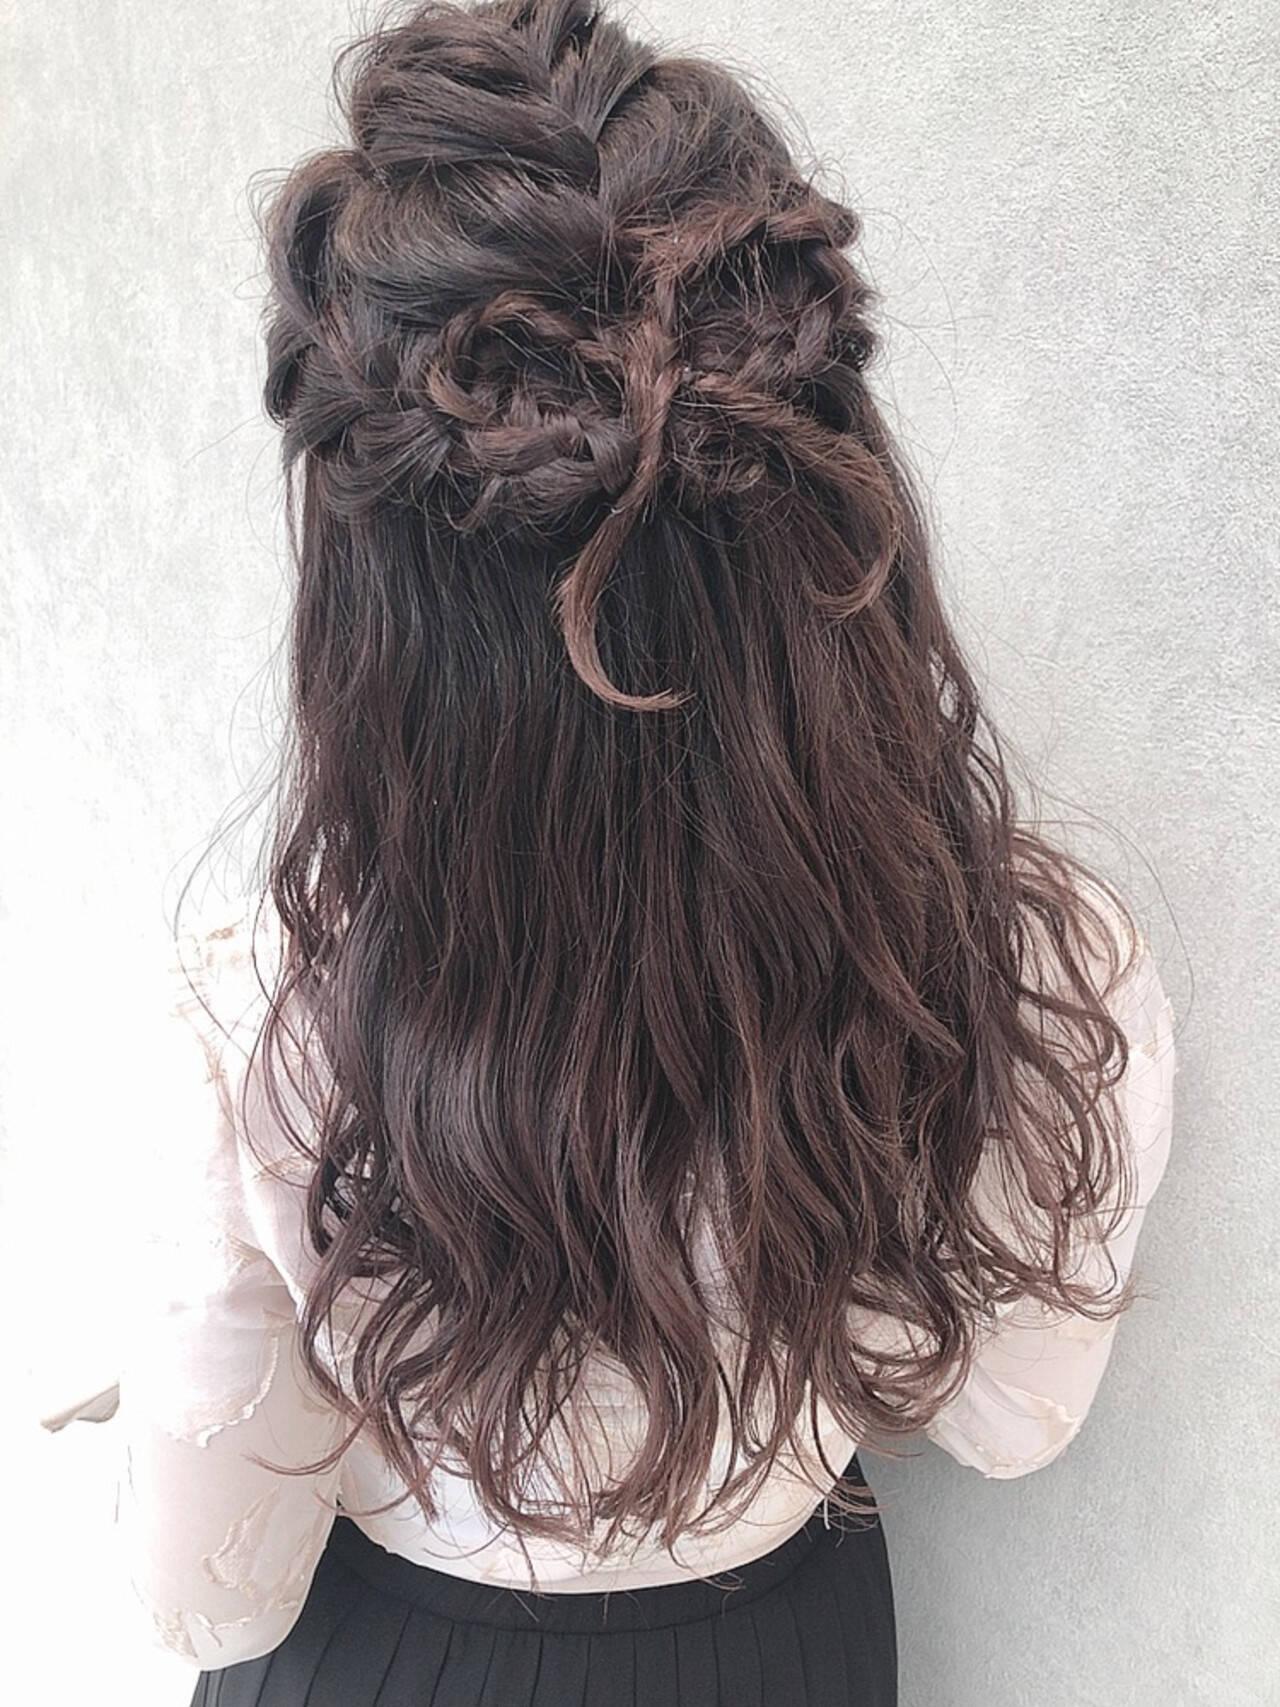 デート セミロング 成人式 簡単ヘアアレンジヘアスタイルや髪型の写真・画像